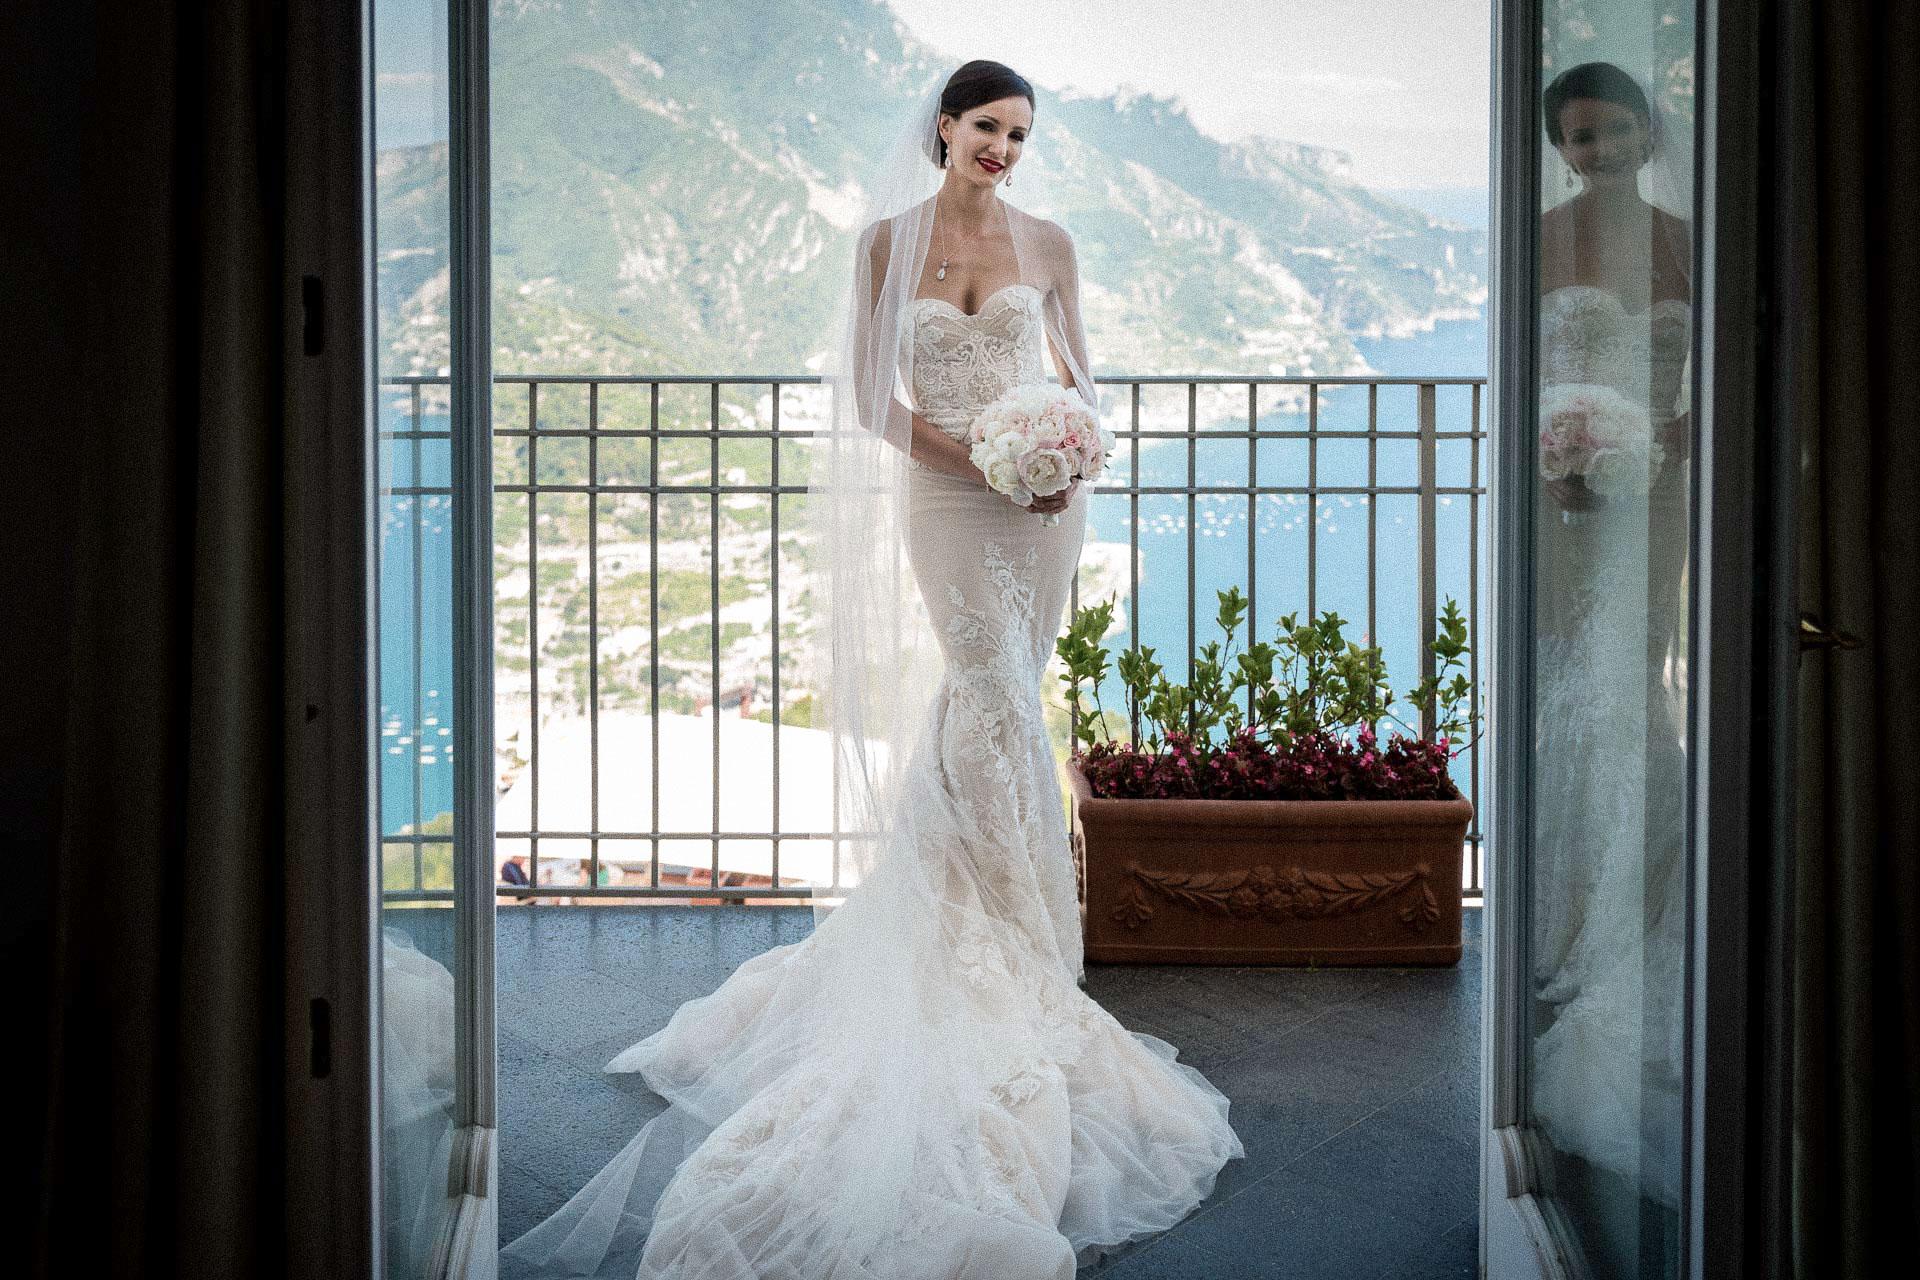 luxury photography studio capri